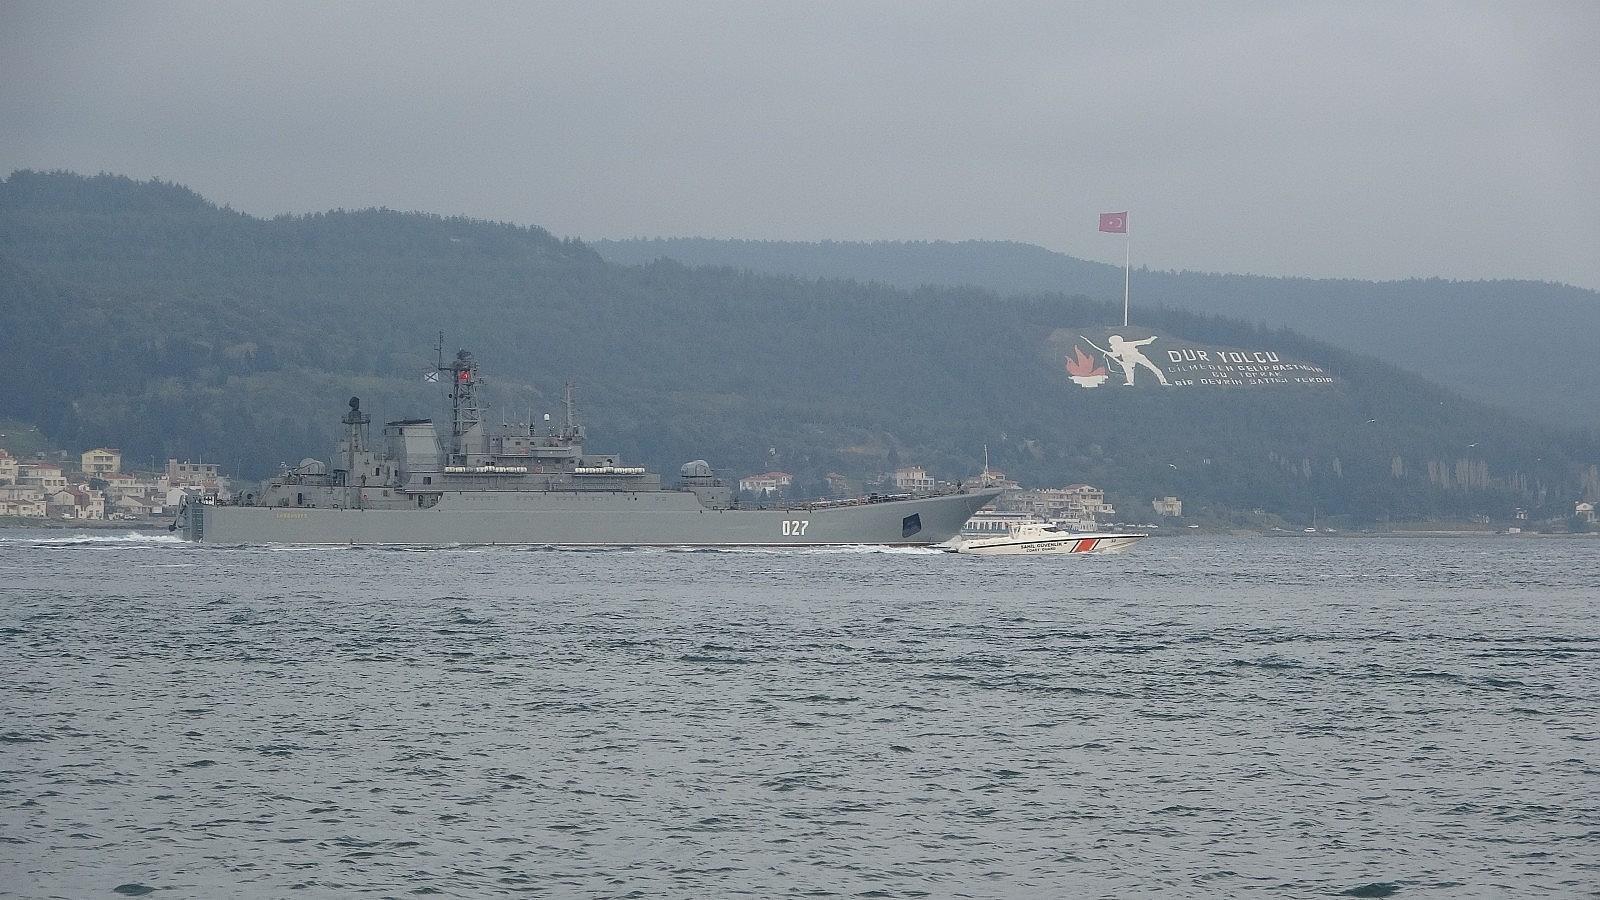 2021/04/rusya-gemilerini-karadenize-cekiyor-iki-savas-gemisi-canakkaleden-gecti-20210416AW29-2.jpg